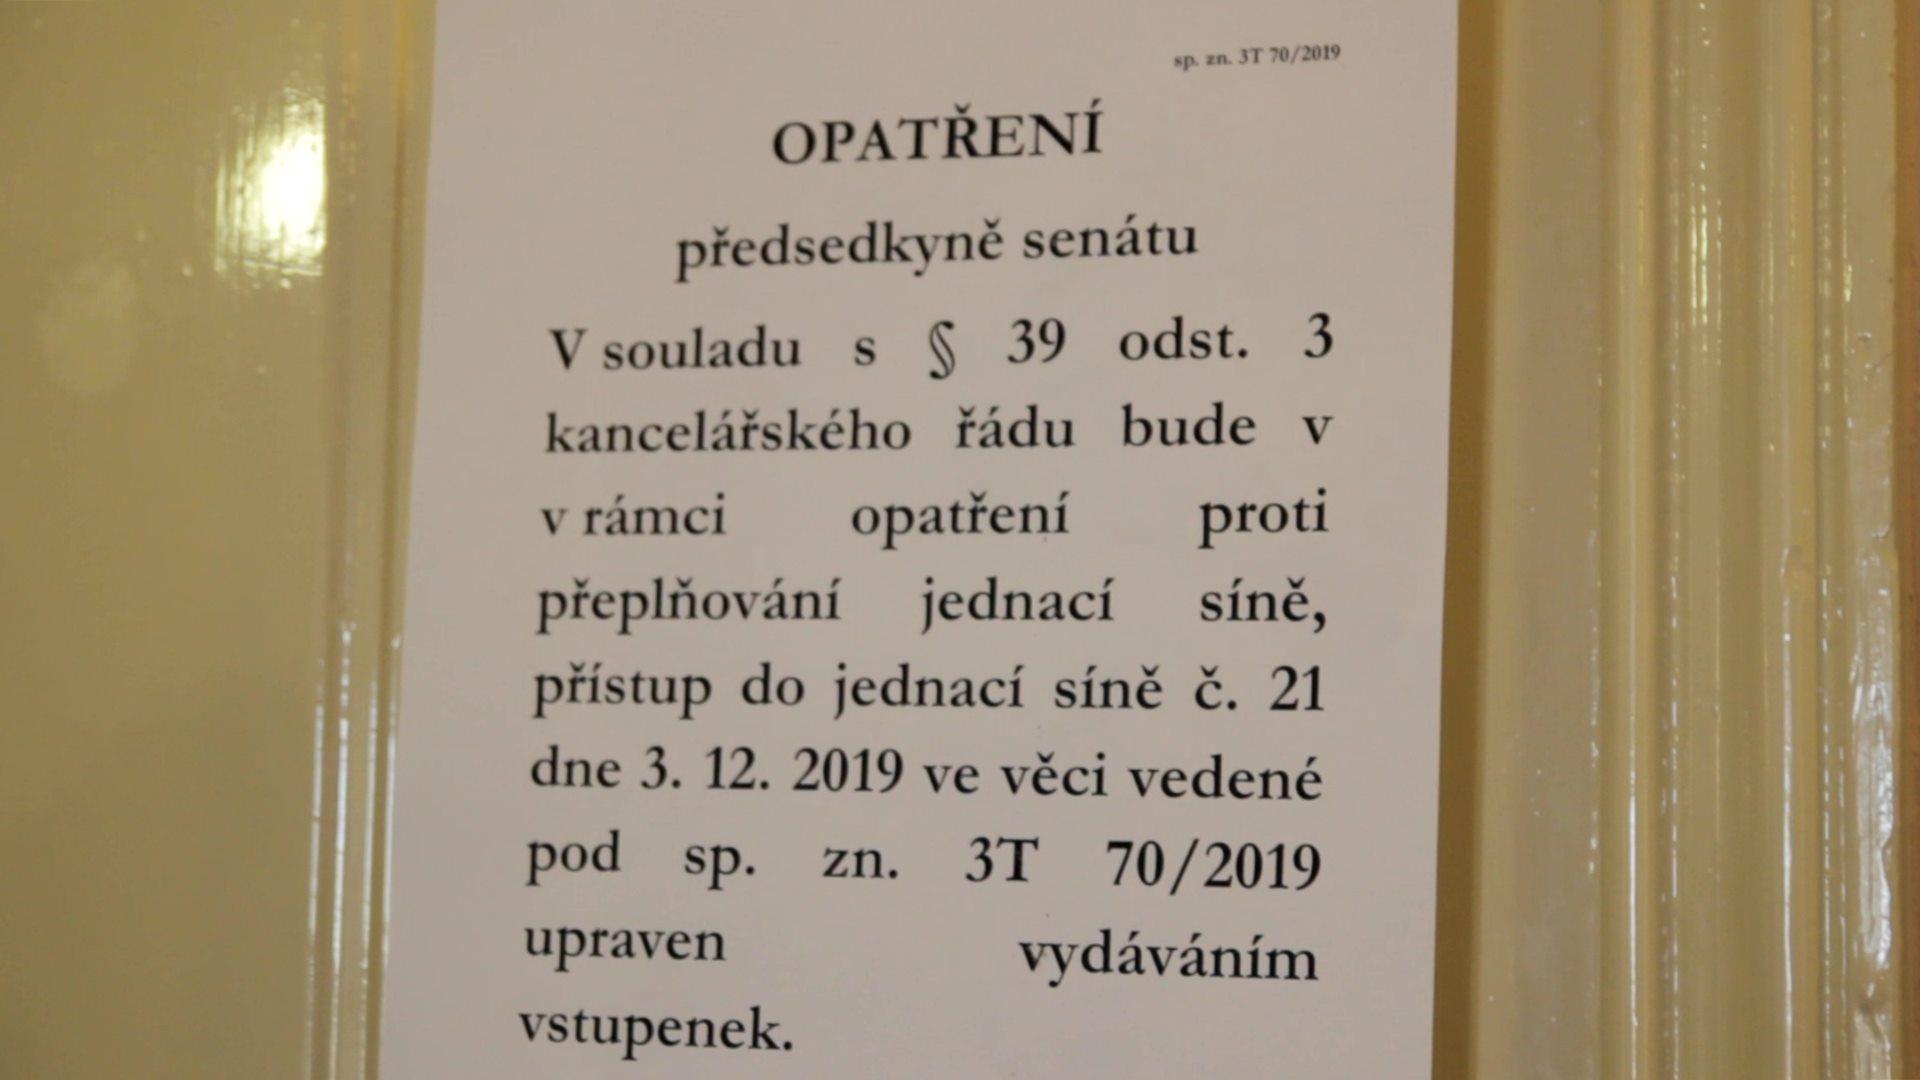 Opatření předsedkyně senátu